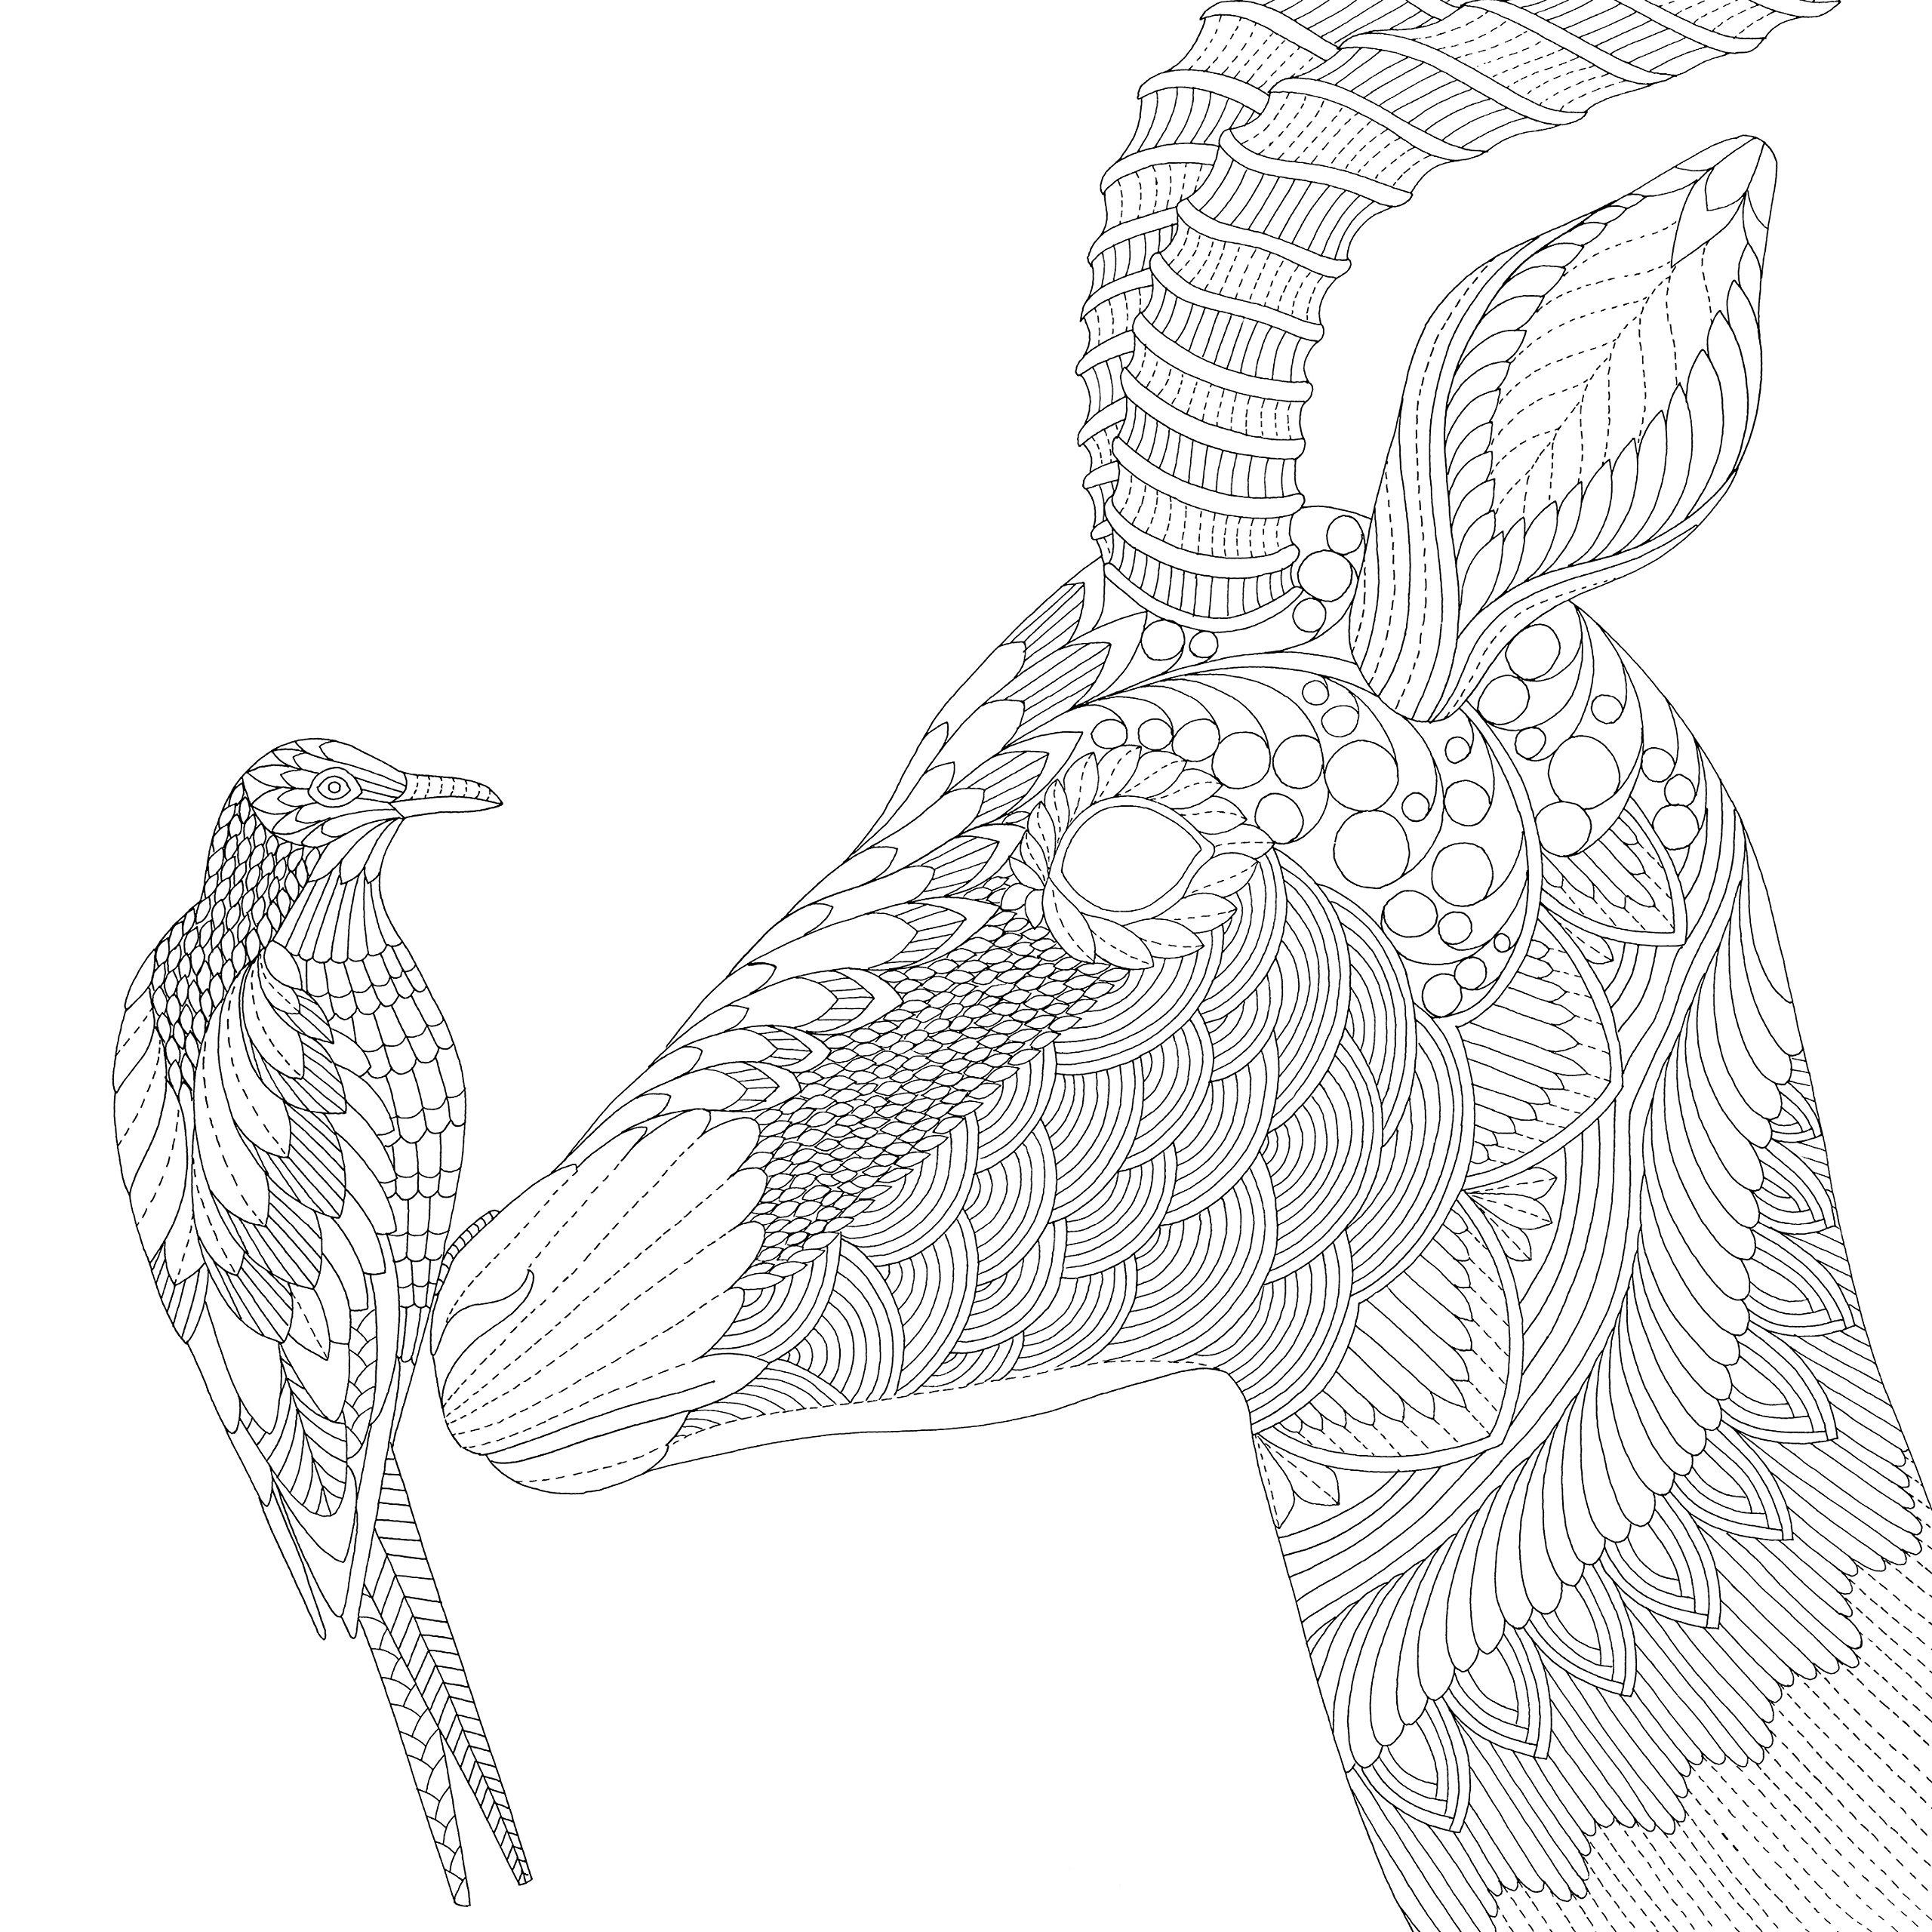 Антилопа с птицей на носу